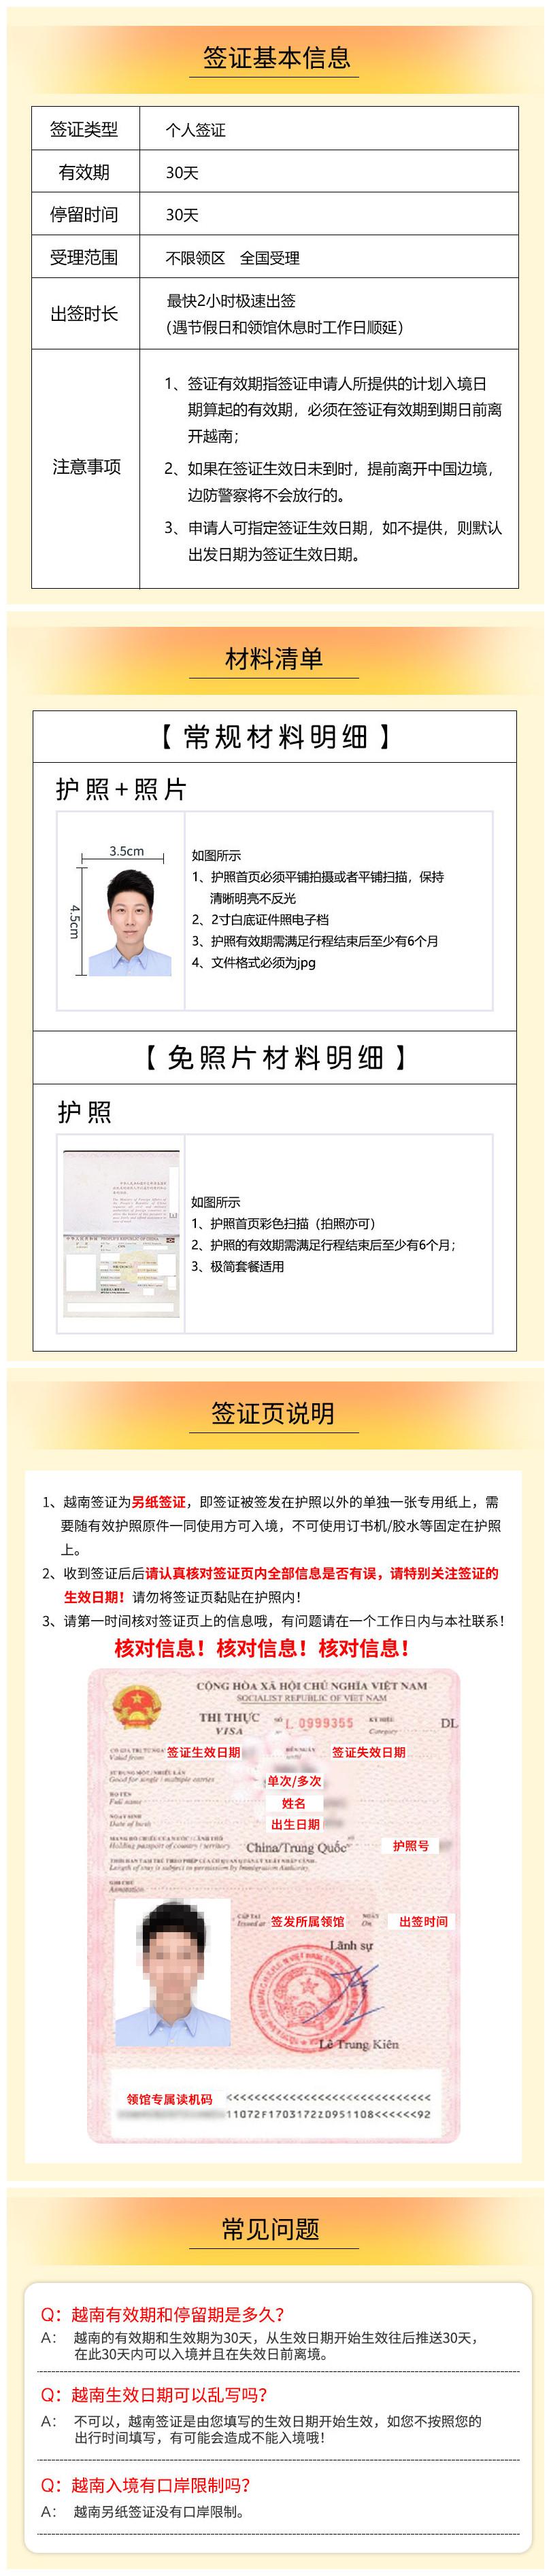 越南签证.jpg